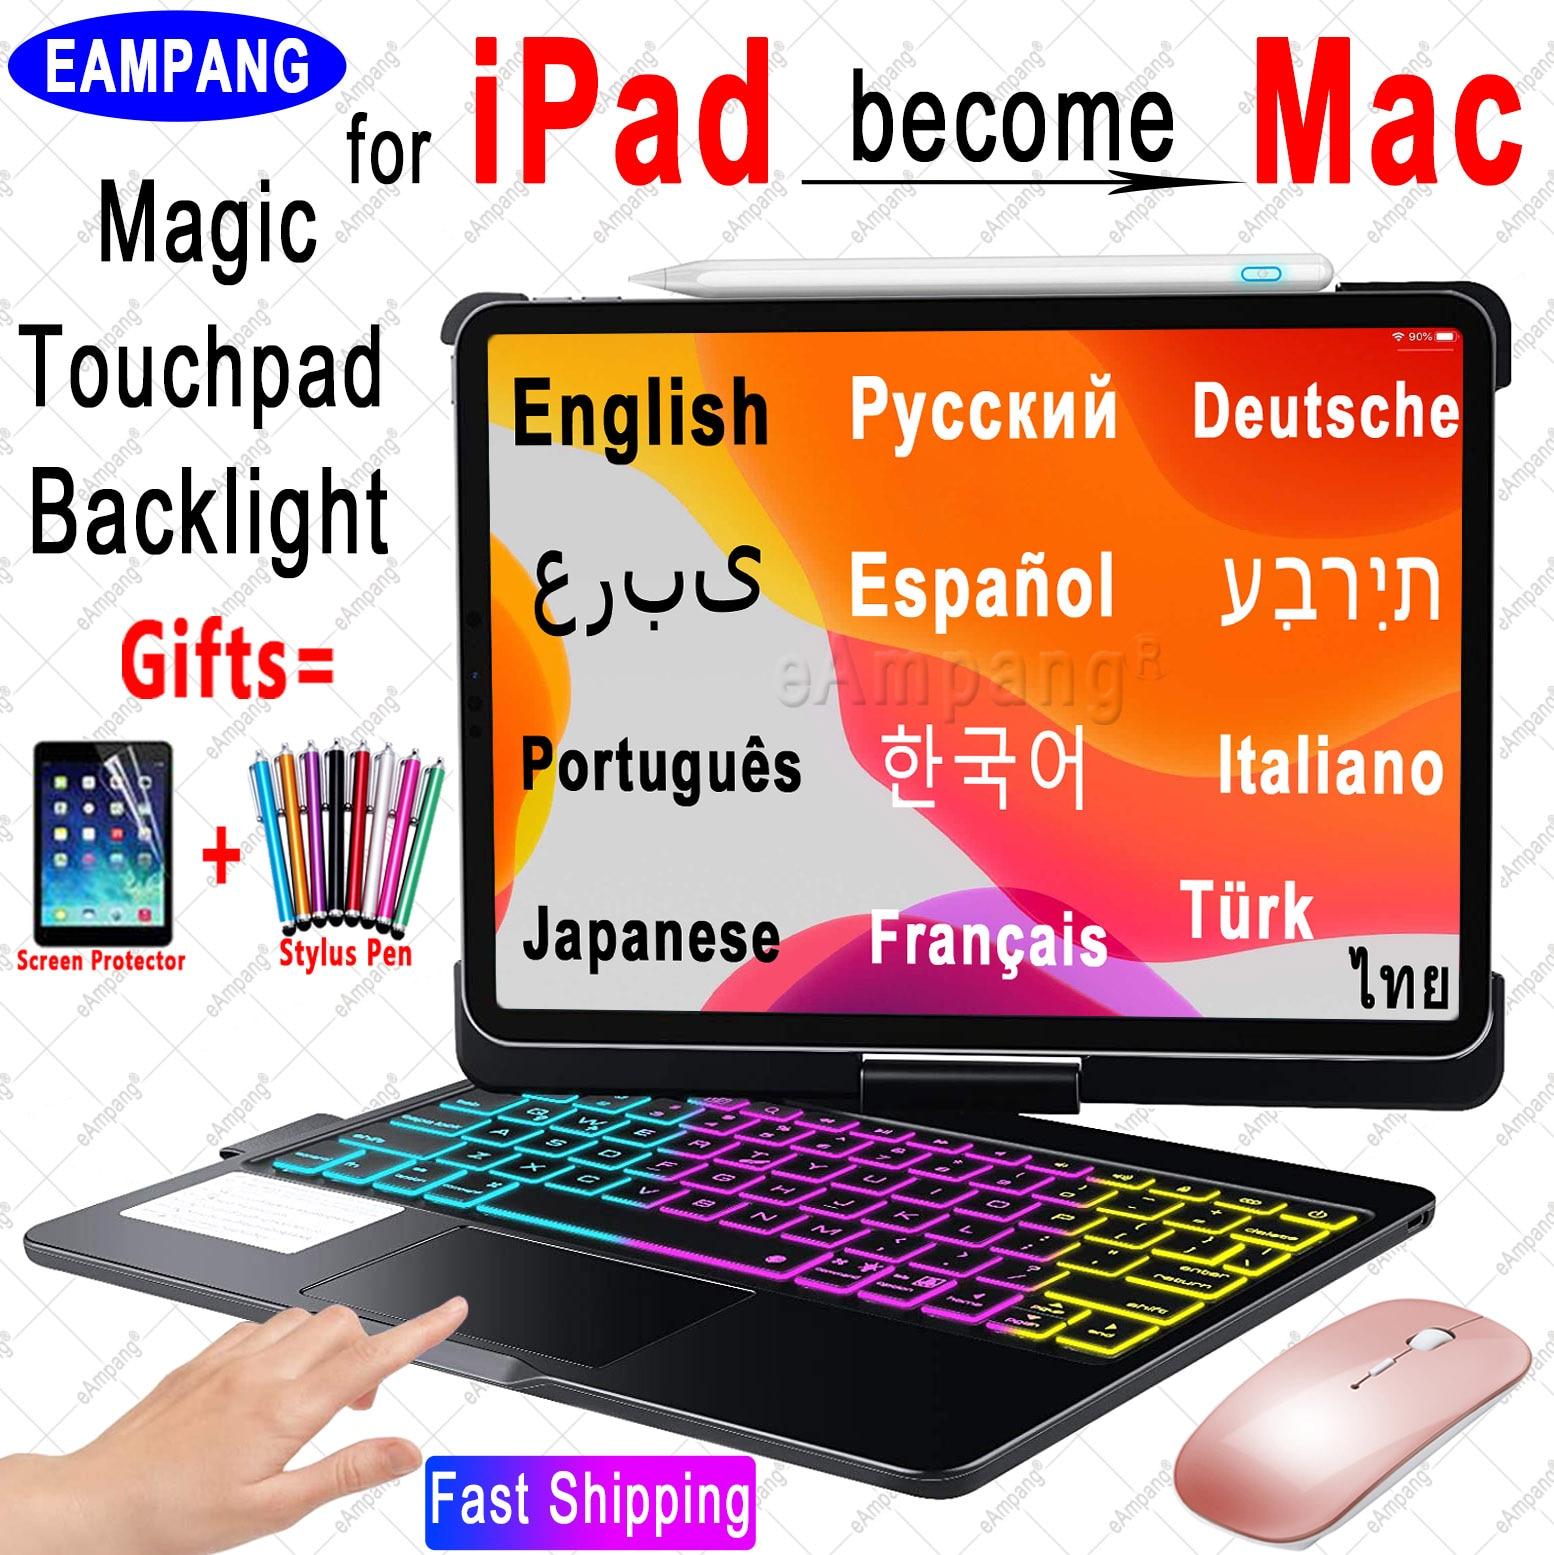 لباد الهواء 4 10.9 برو 11 2021 2020 2018 ماجيك لوحة المفاتيح لوحة المفاتيح حالة الروسية الإسبانية العربية الكورية العبرية لوحة المفاتيح البرتغالية